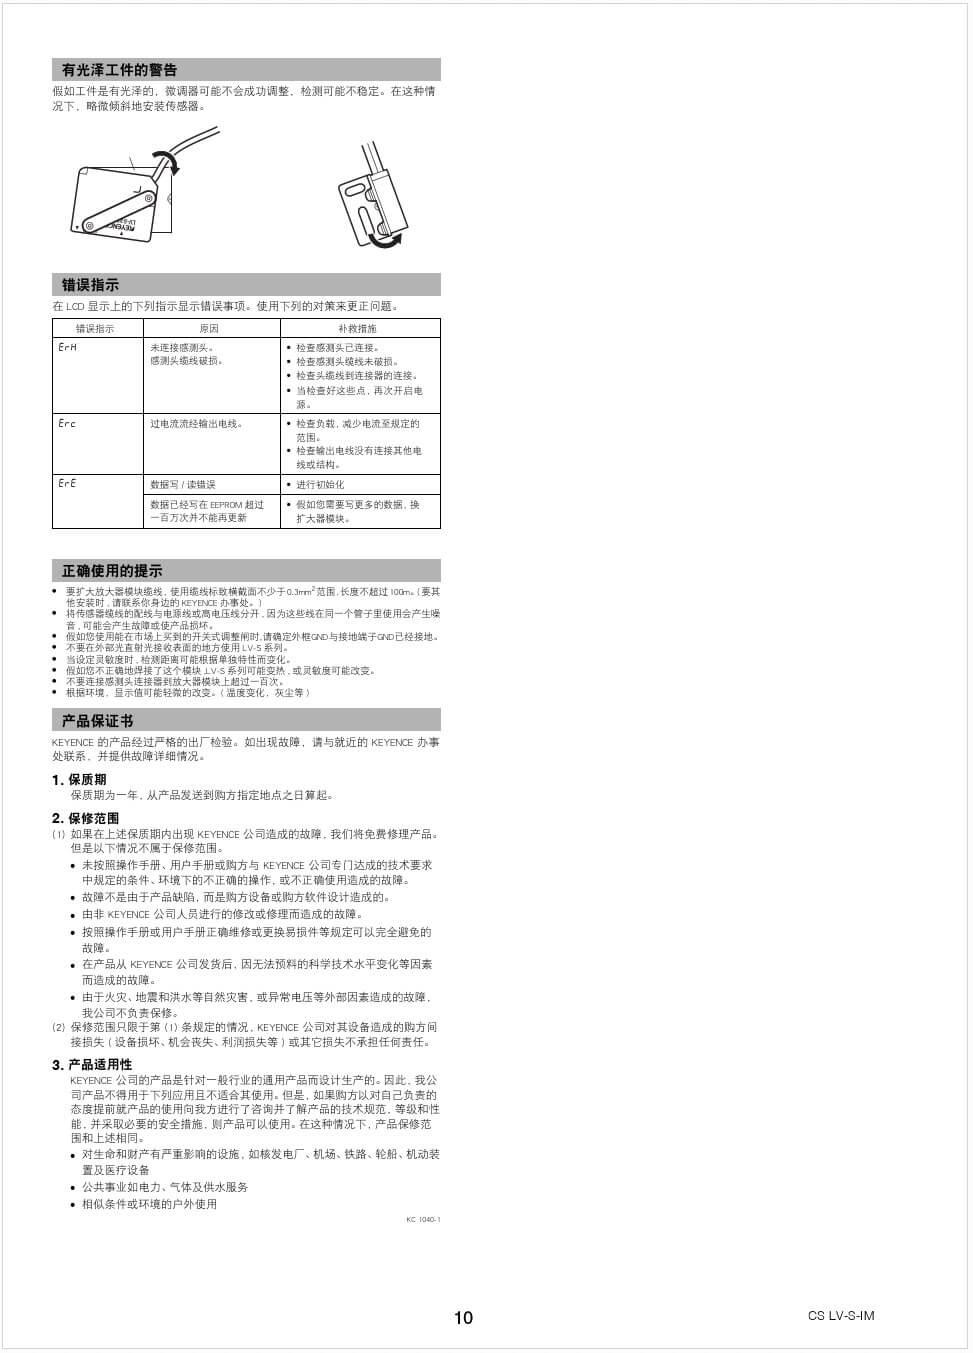 基恩士系列激光传感器-10